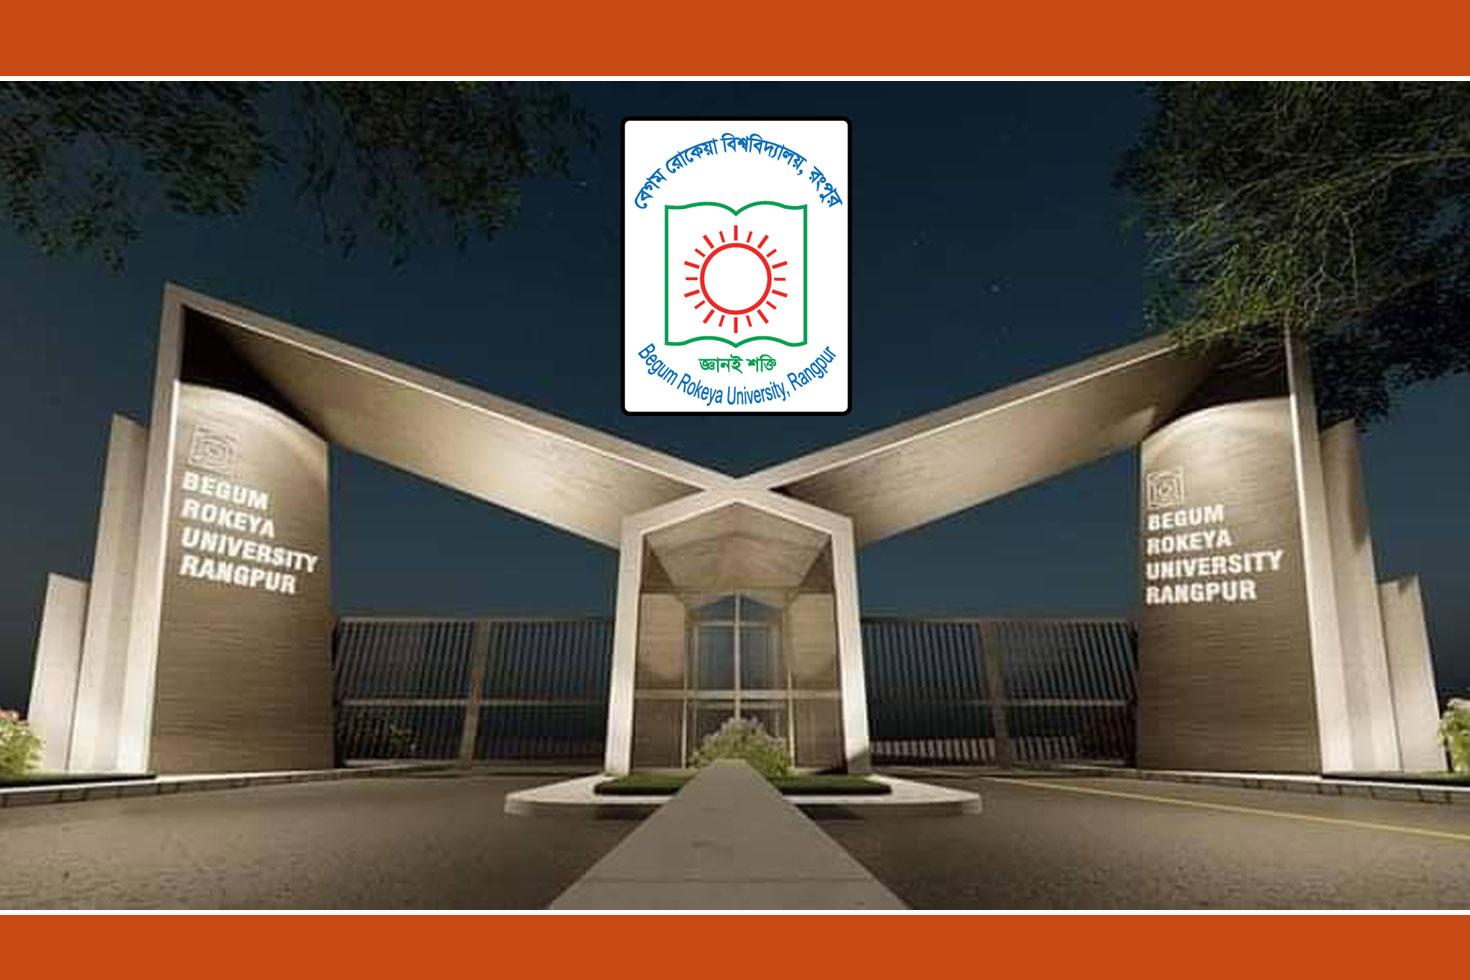 স্নাতক পাসে বেগম রোকেয়া বিশ্ববিদ্যালয়ে ৩০ হাজার টাকা বেতনে চাকরি